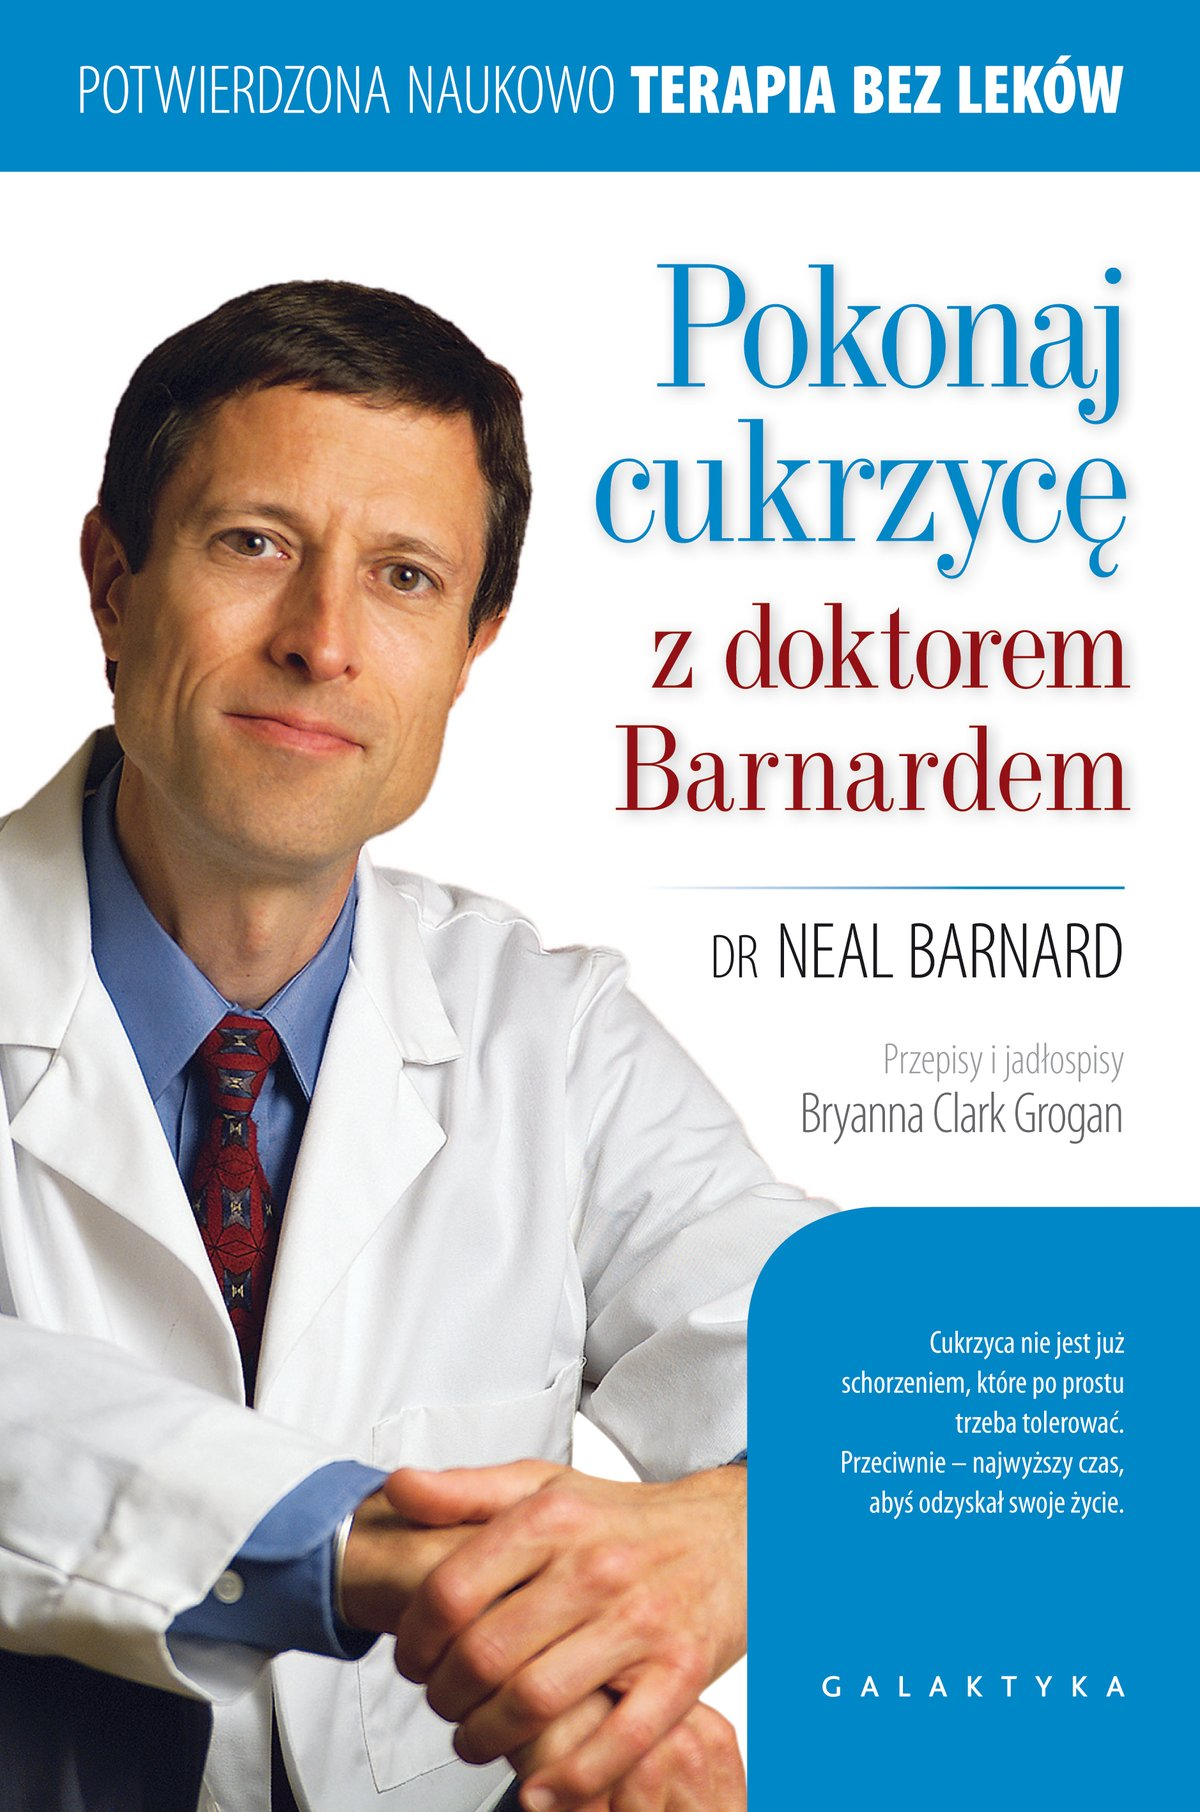 Pokonaj cukrzycę z doktorem Barnardem - Ebook (Książka EPUB) do pobrania w formacie EPUB